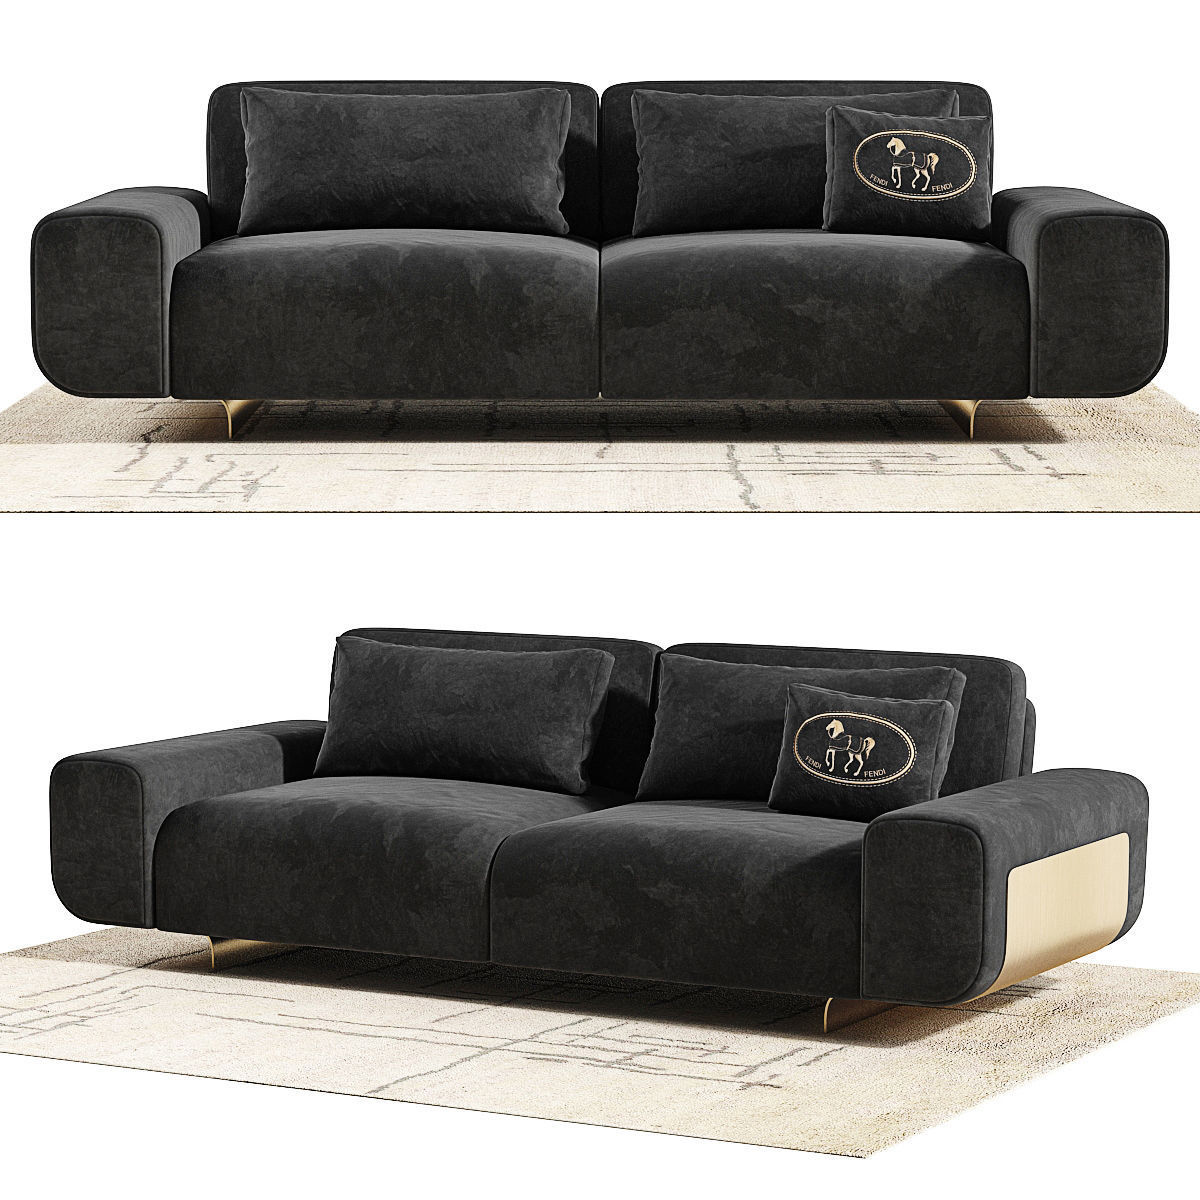 ... Fendi Casa Camelot Sofa 3d Model Max Obj Mtl Fbx Unitypackage Prefab 4  ...